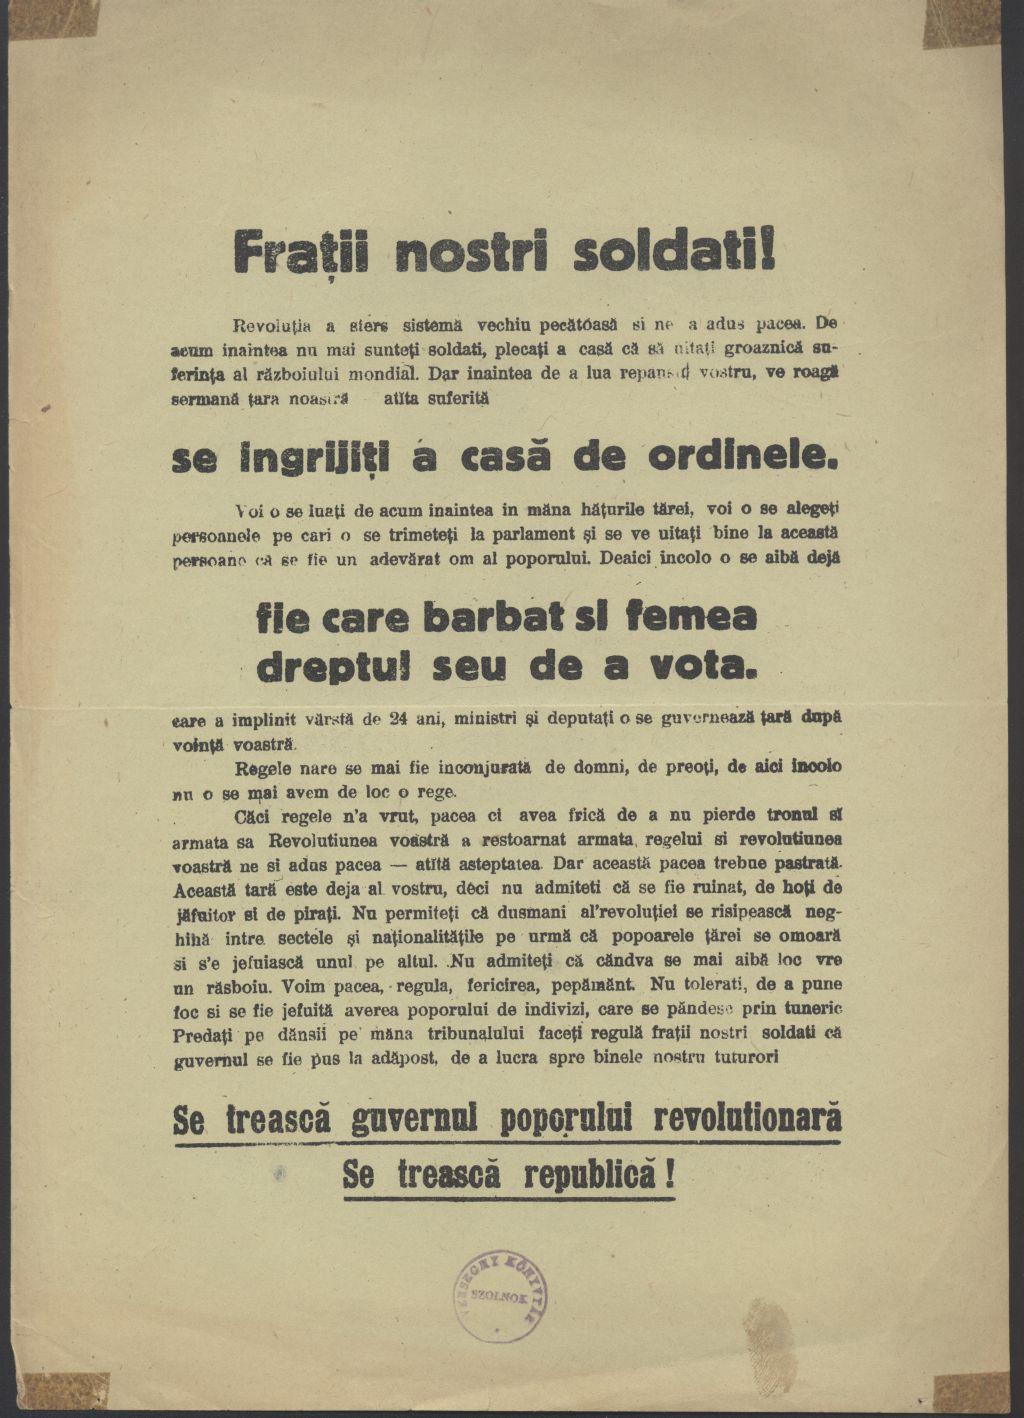 Román nyelvű röpirat a néphez. A román nyelvű röpiratban megemlítik a háború utáni békét; az általános szavazati jogot mind férfiak, mind nők számára; az ország társadalmi és gazdasági kimerülését